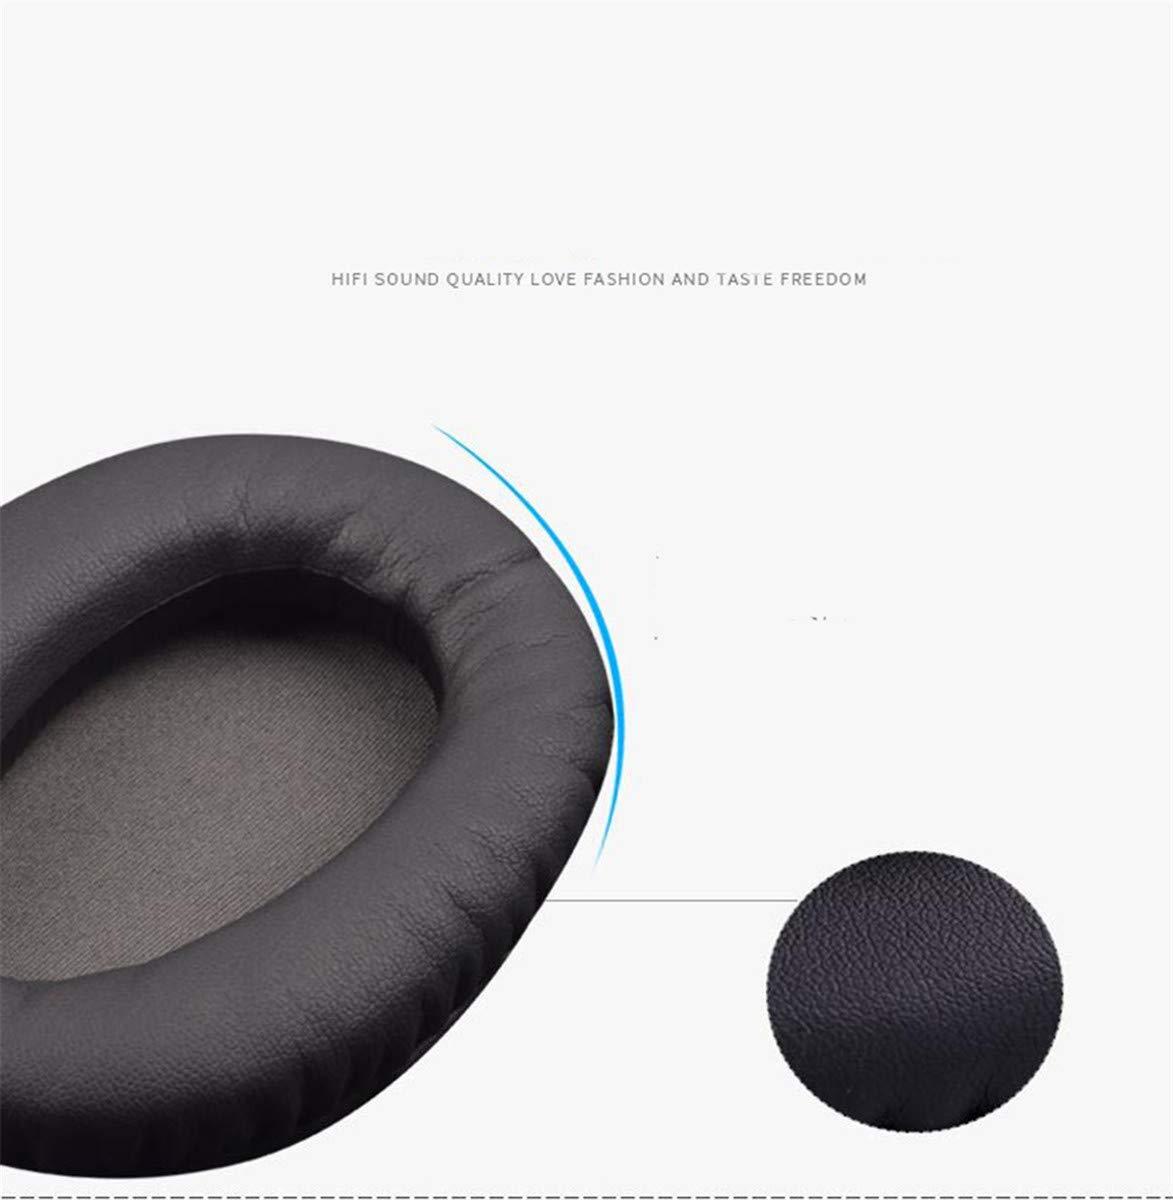 Auriculares inal/ámbricos Almohadillas para los O/ídos Almohadillas para los O/ídos Accesorios para Auriculares Earpads Eyglo Almohadillas de Repuesto para Sony WH-CH700NB